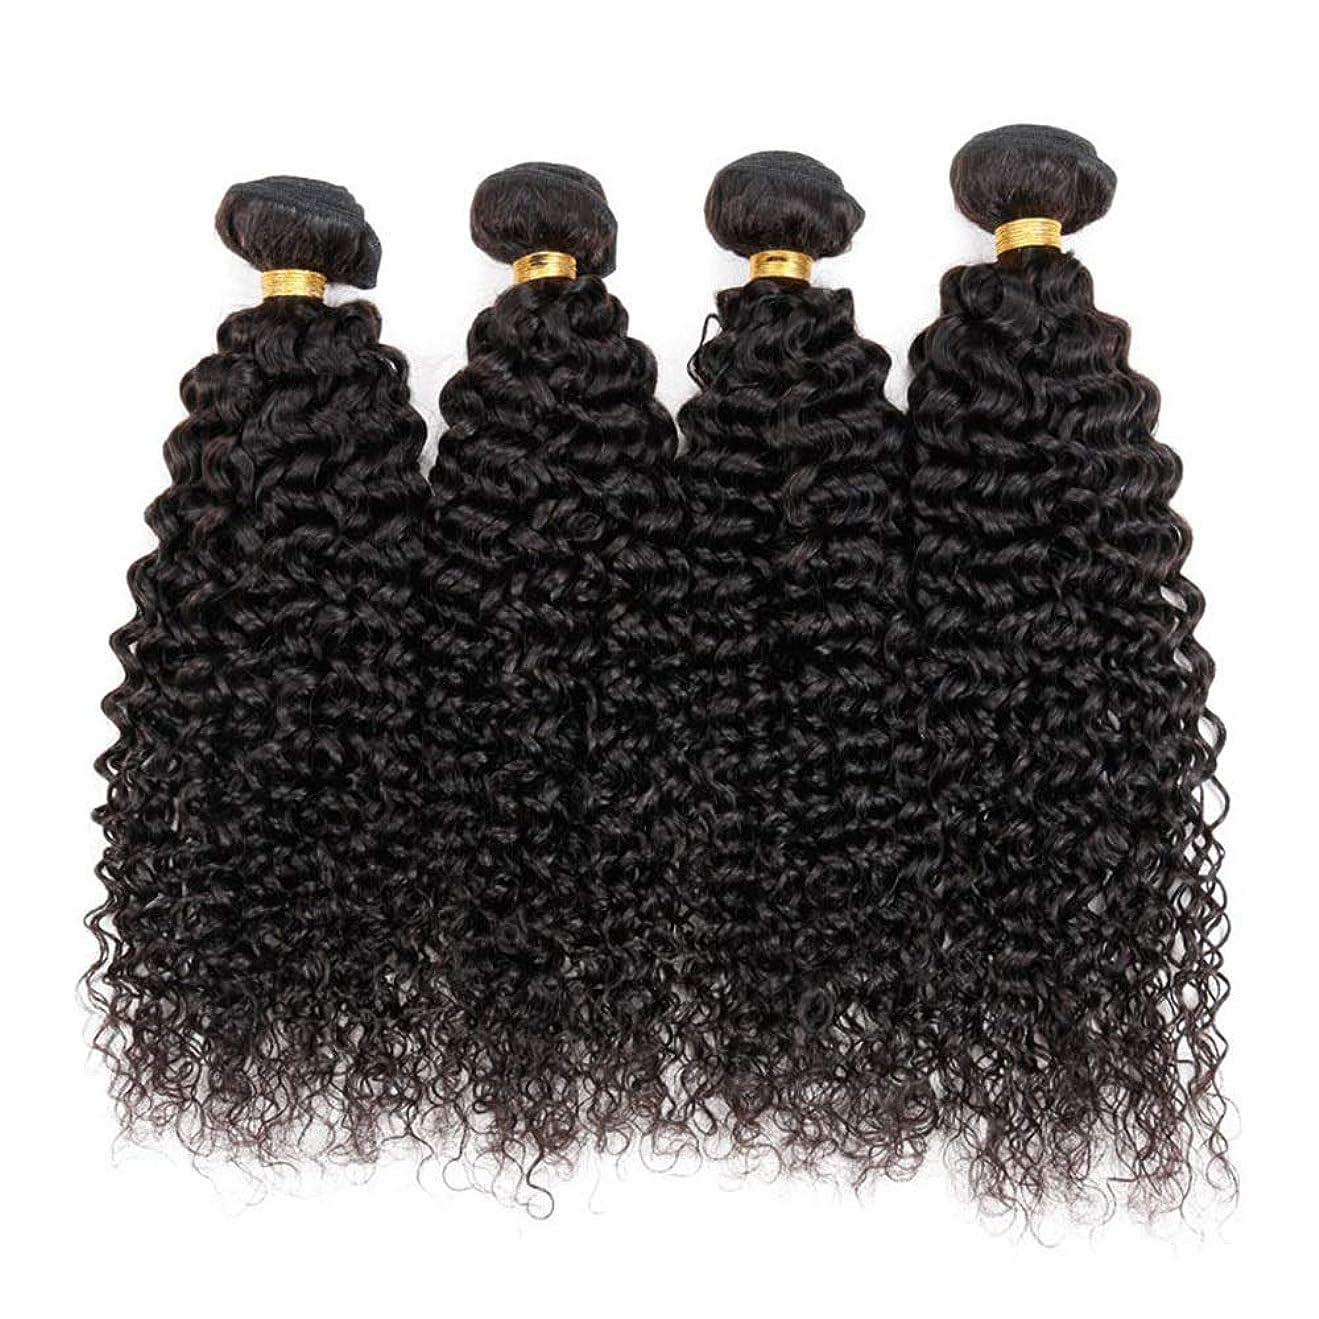 アラブ人チャンバー失礼Isikawan ブラジルの変態カーリーヘアバンドル100%未処理の人間50g /バンドルナチュラルブラックヘアエクステンションディープカーリーヘア (色 : ブラック, サイズ : 20 inch)